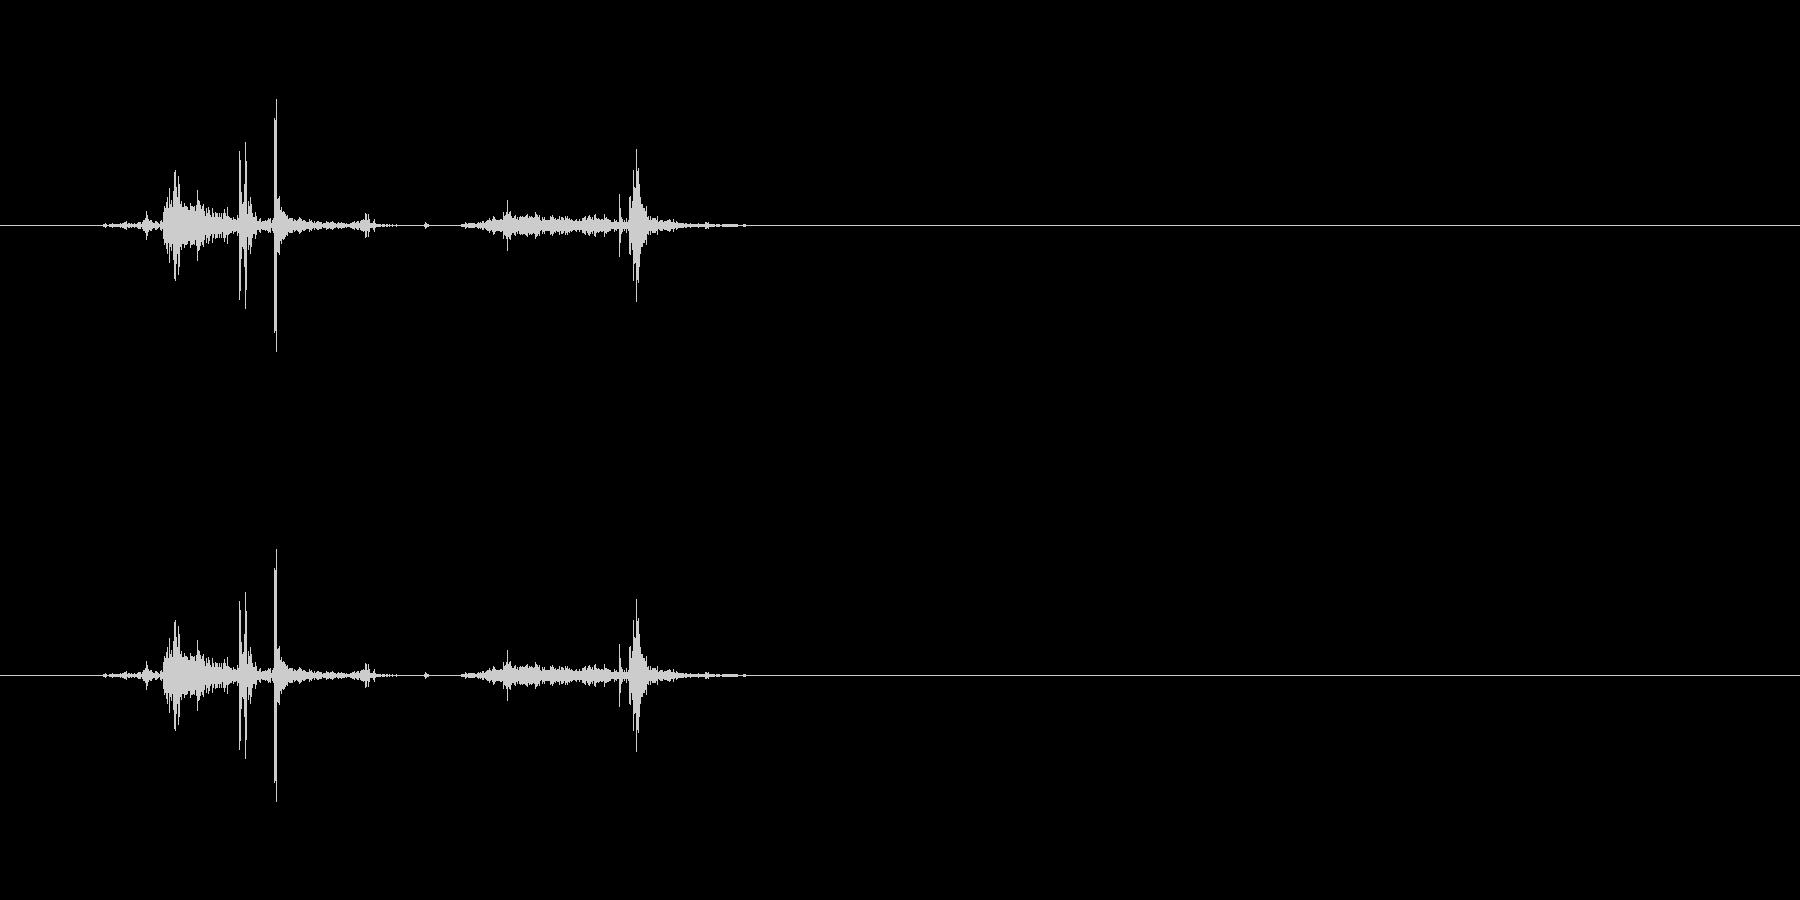 【穴あけパンチ01-3(パンチ)】の未再生の波形